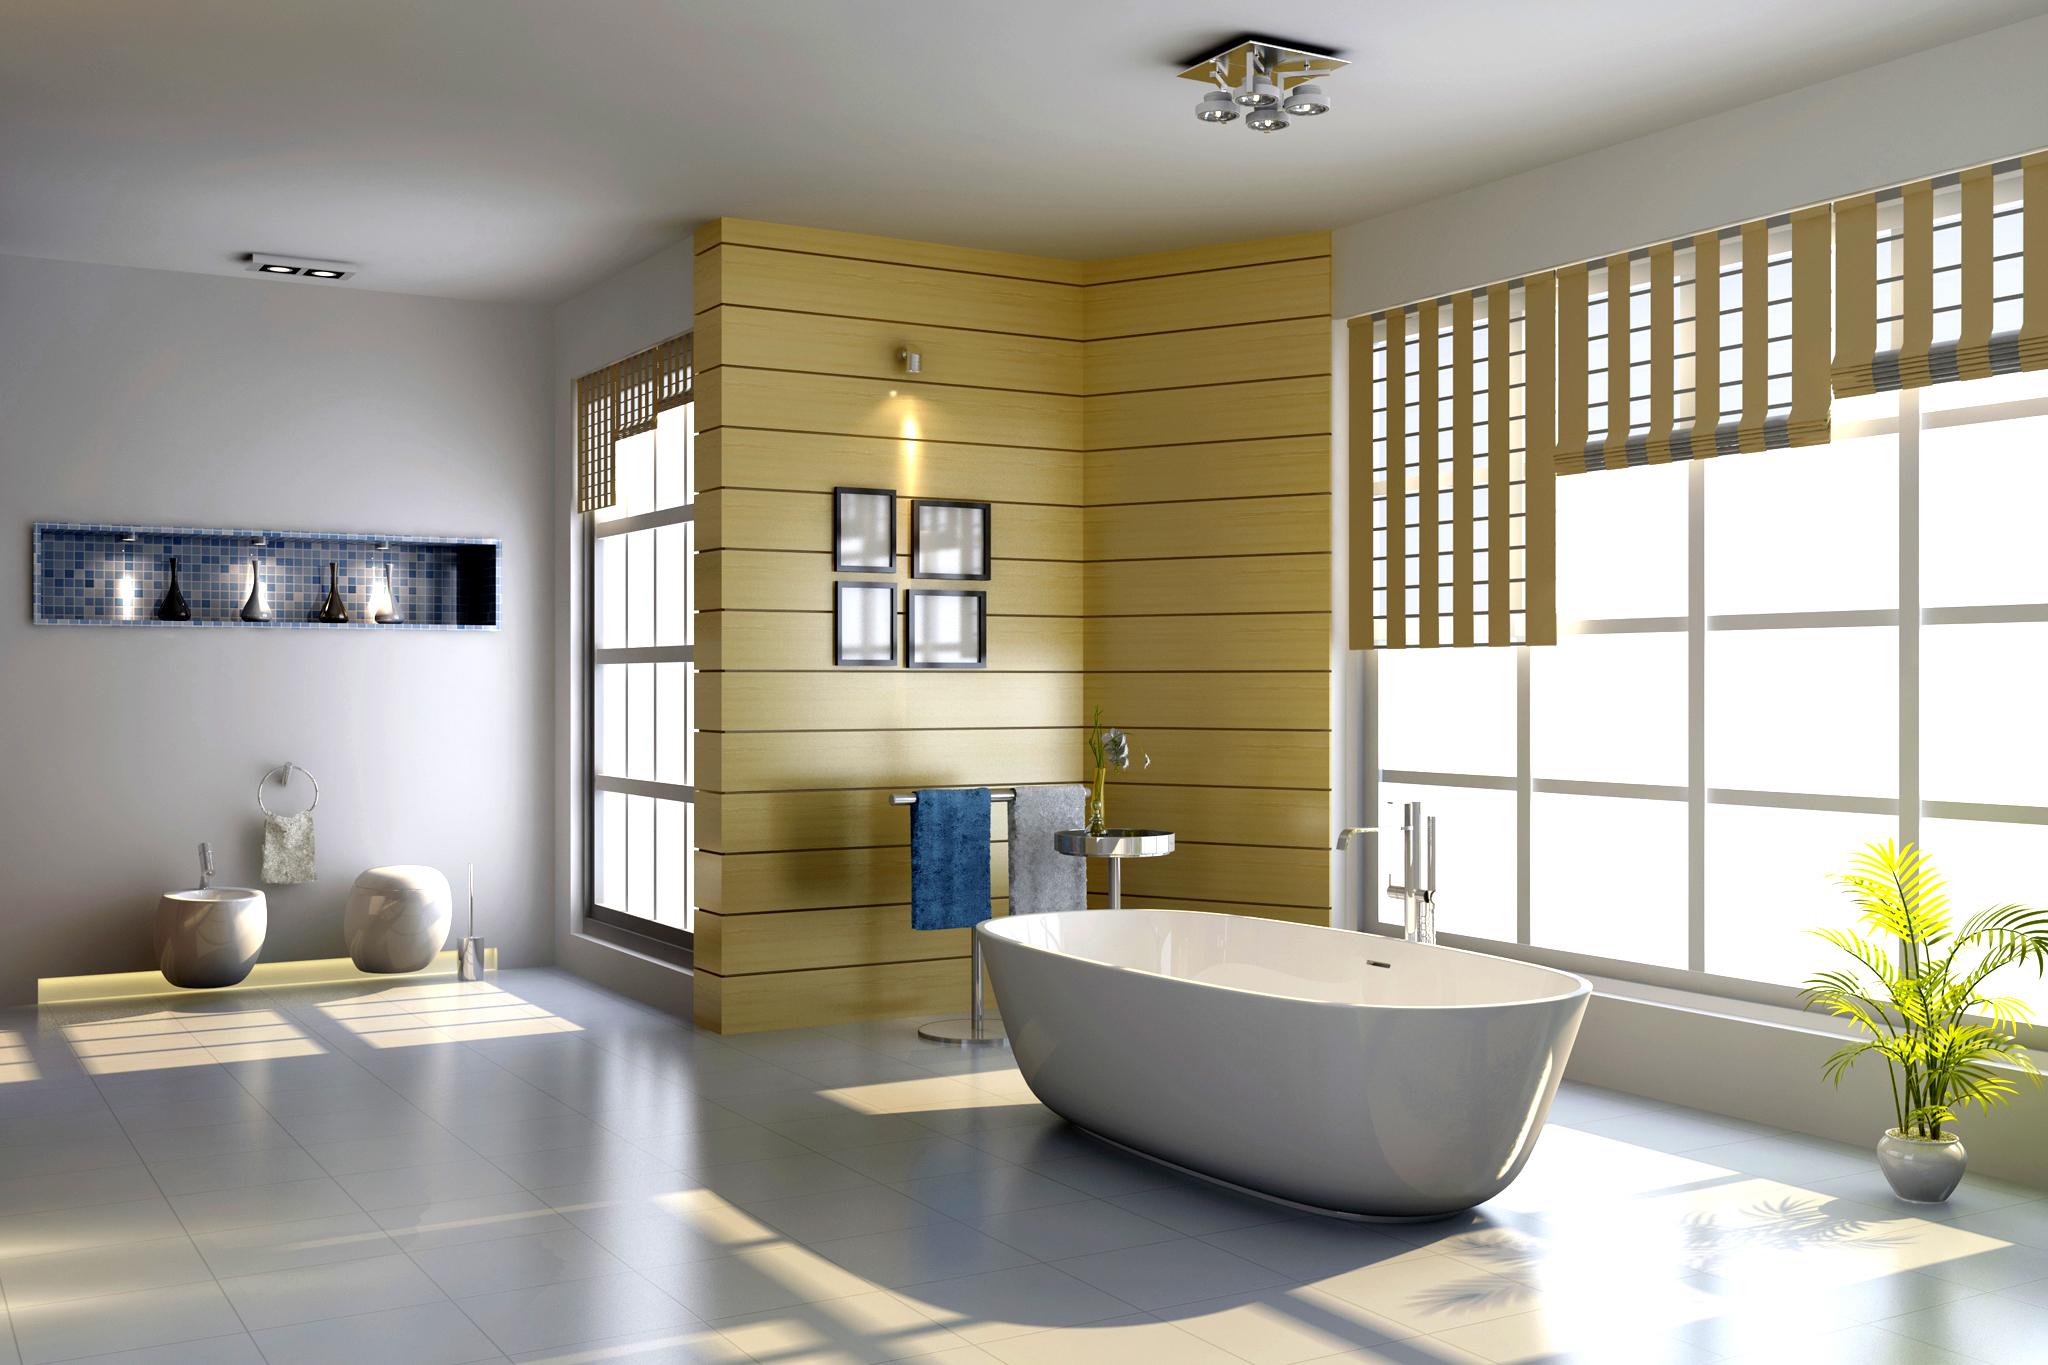 des petits poucets dans les salles de bains lorraine magazine. Black Bedroom Furniture Sets. Home Design Ideas